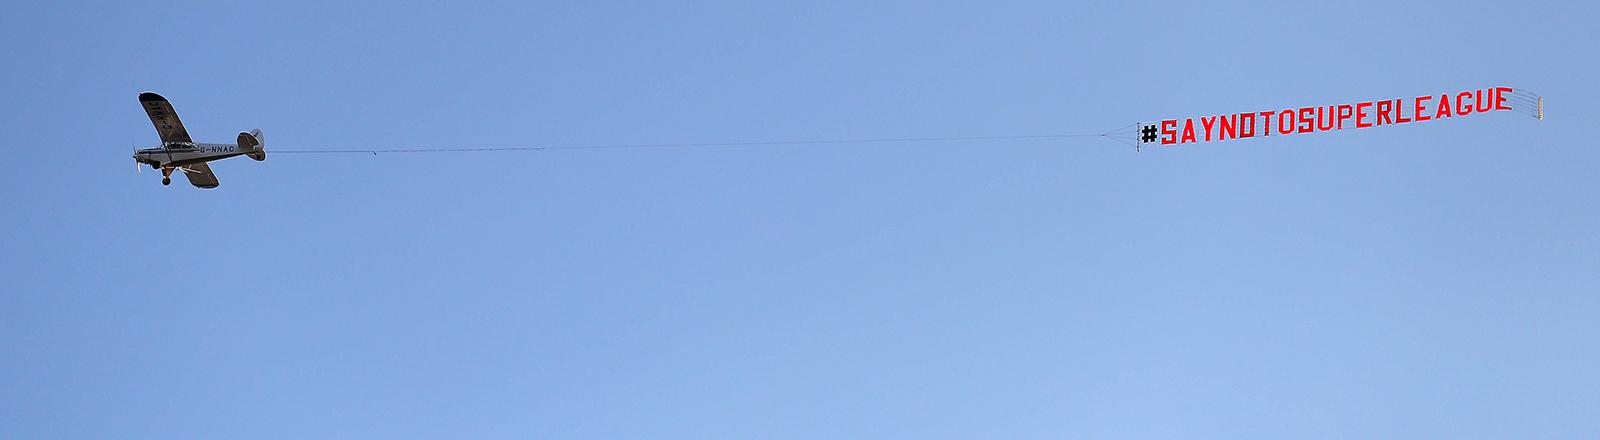 In Großbritannien fliegt ein Flugzeug vor blauem Himmel. Es zieht ein Banner hinter sich her, auf dem steht: Say No To Super League (19.04.2021)